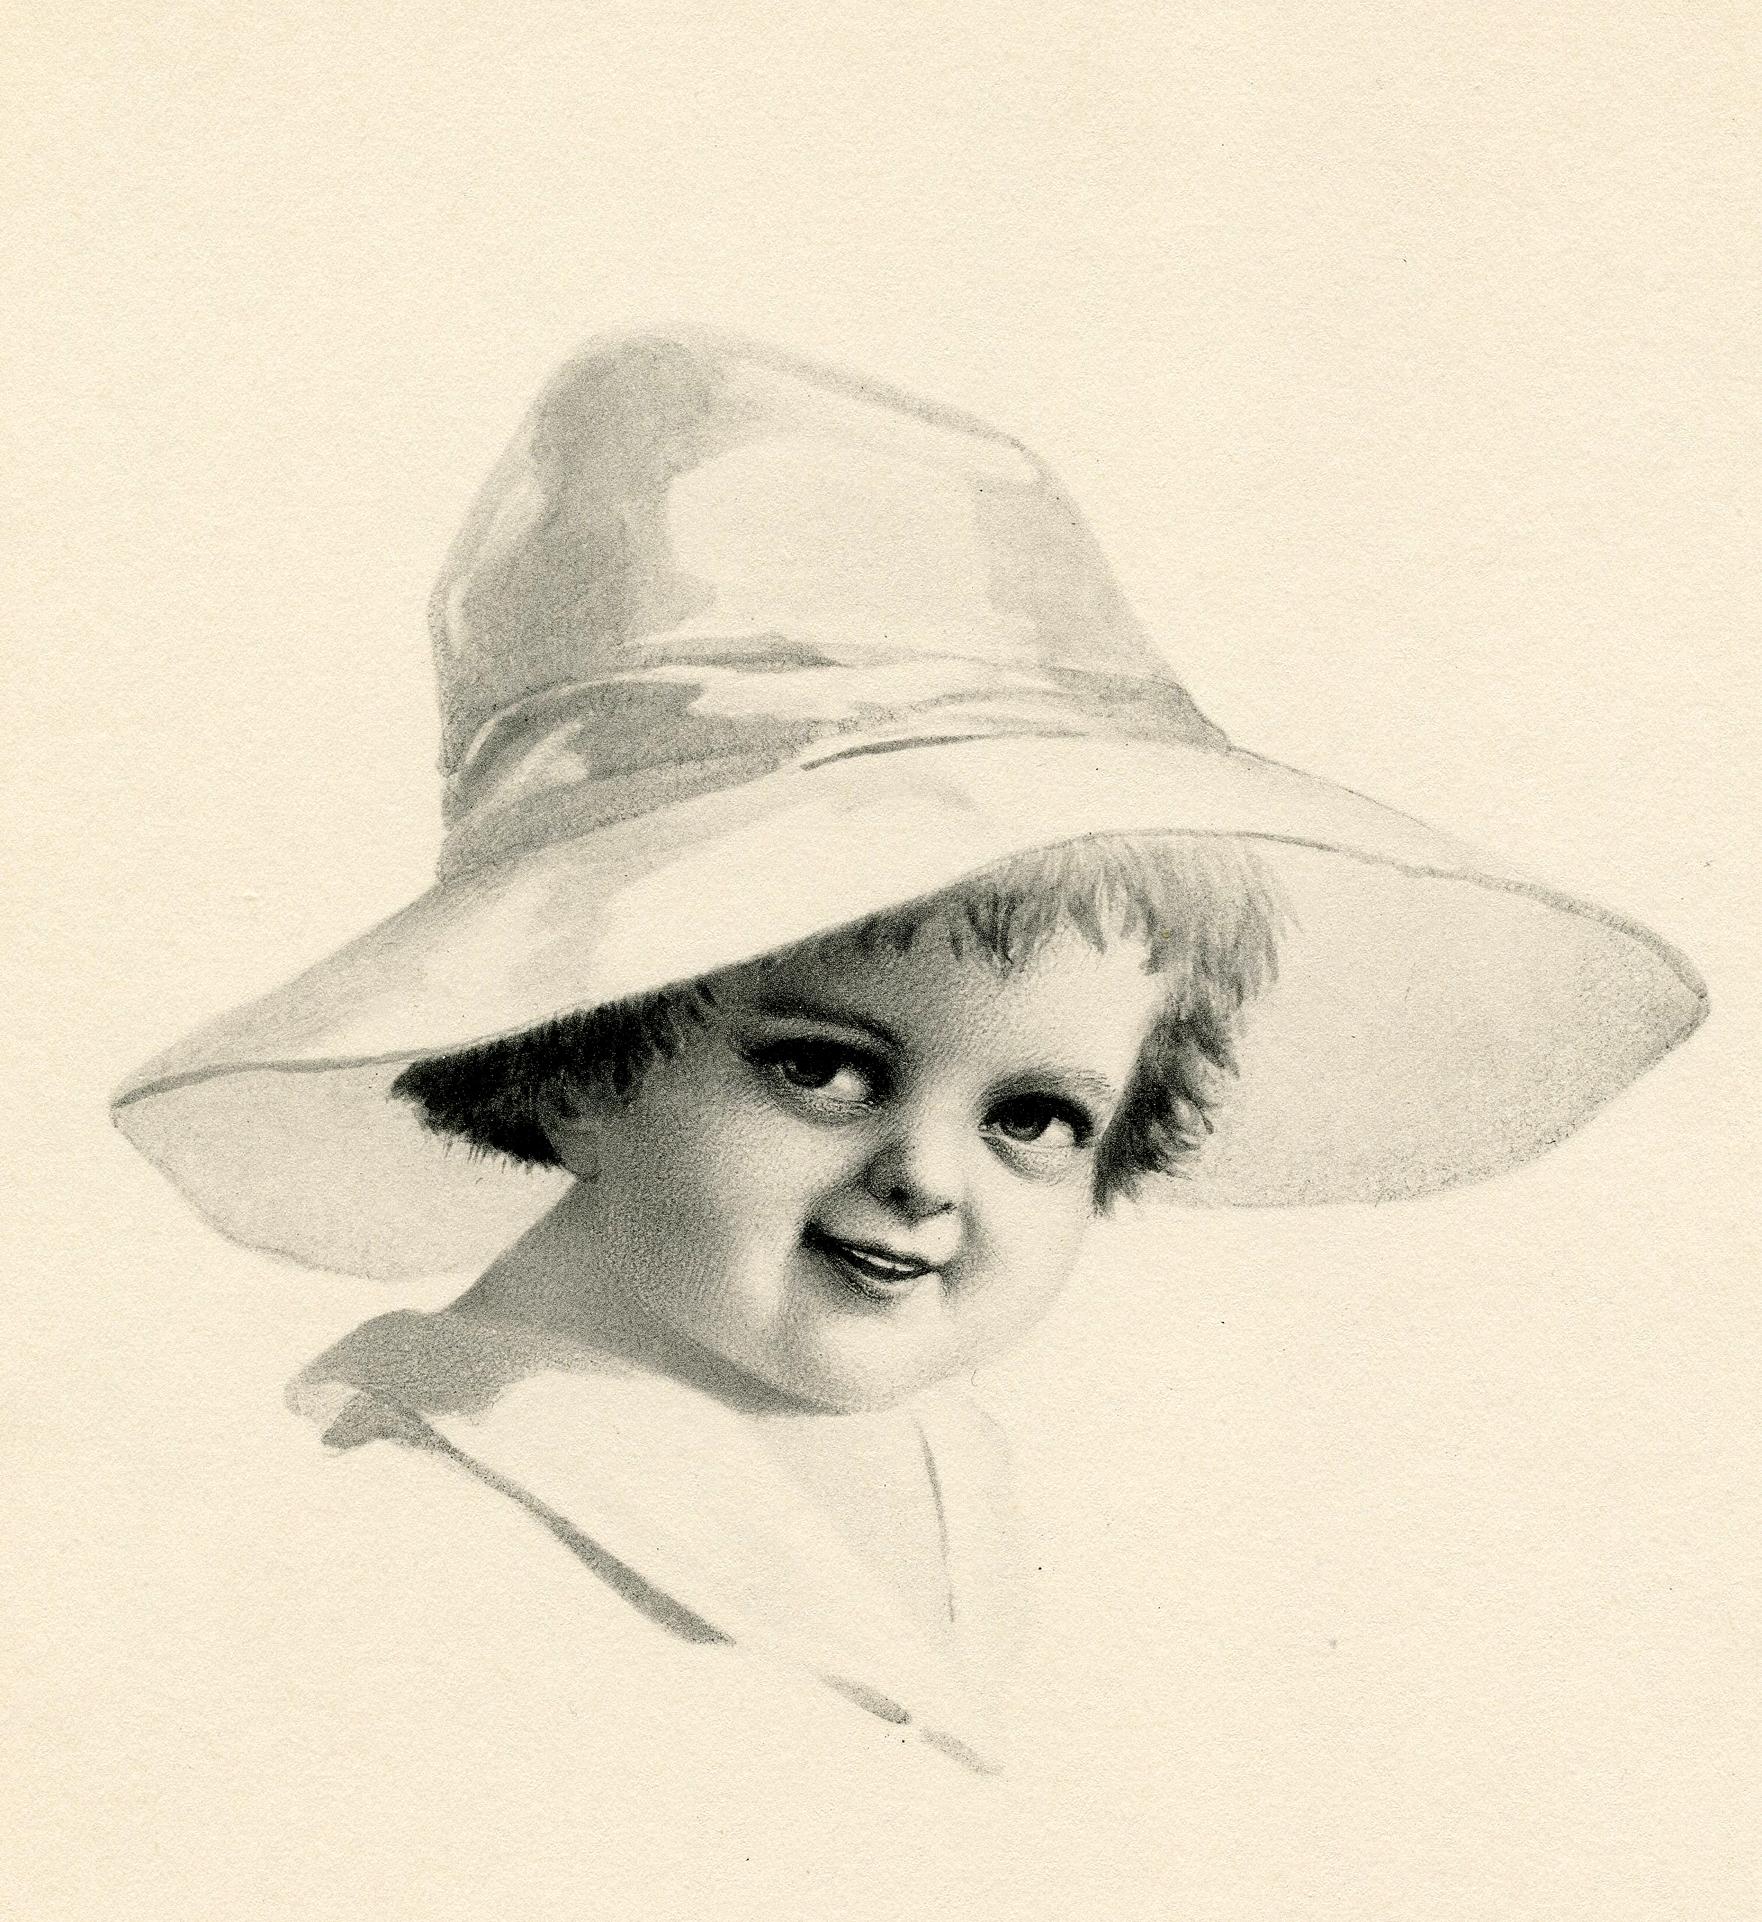 Vintage Smiling Child in Wide Brim Hat Image